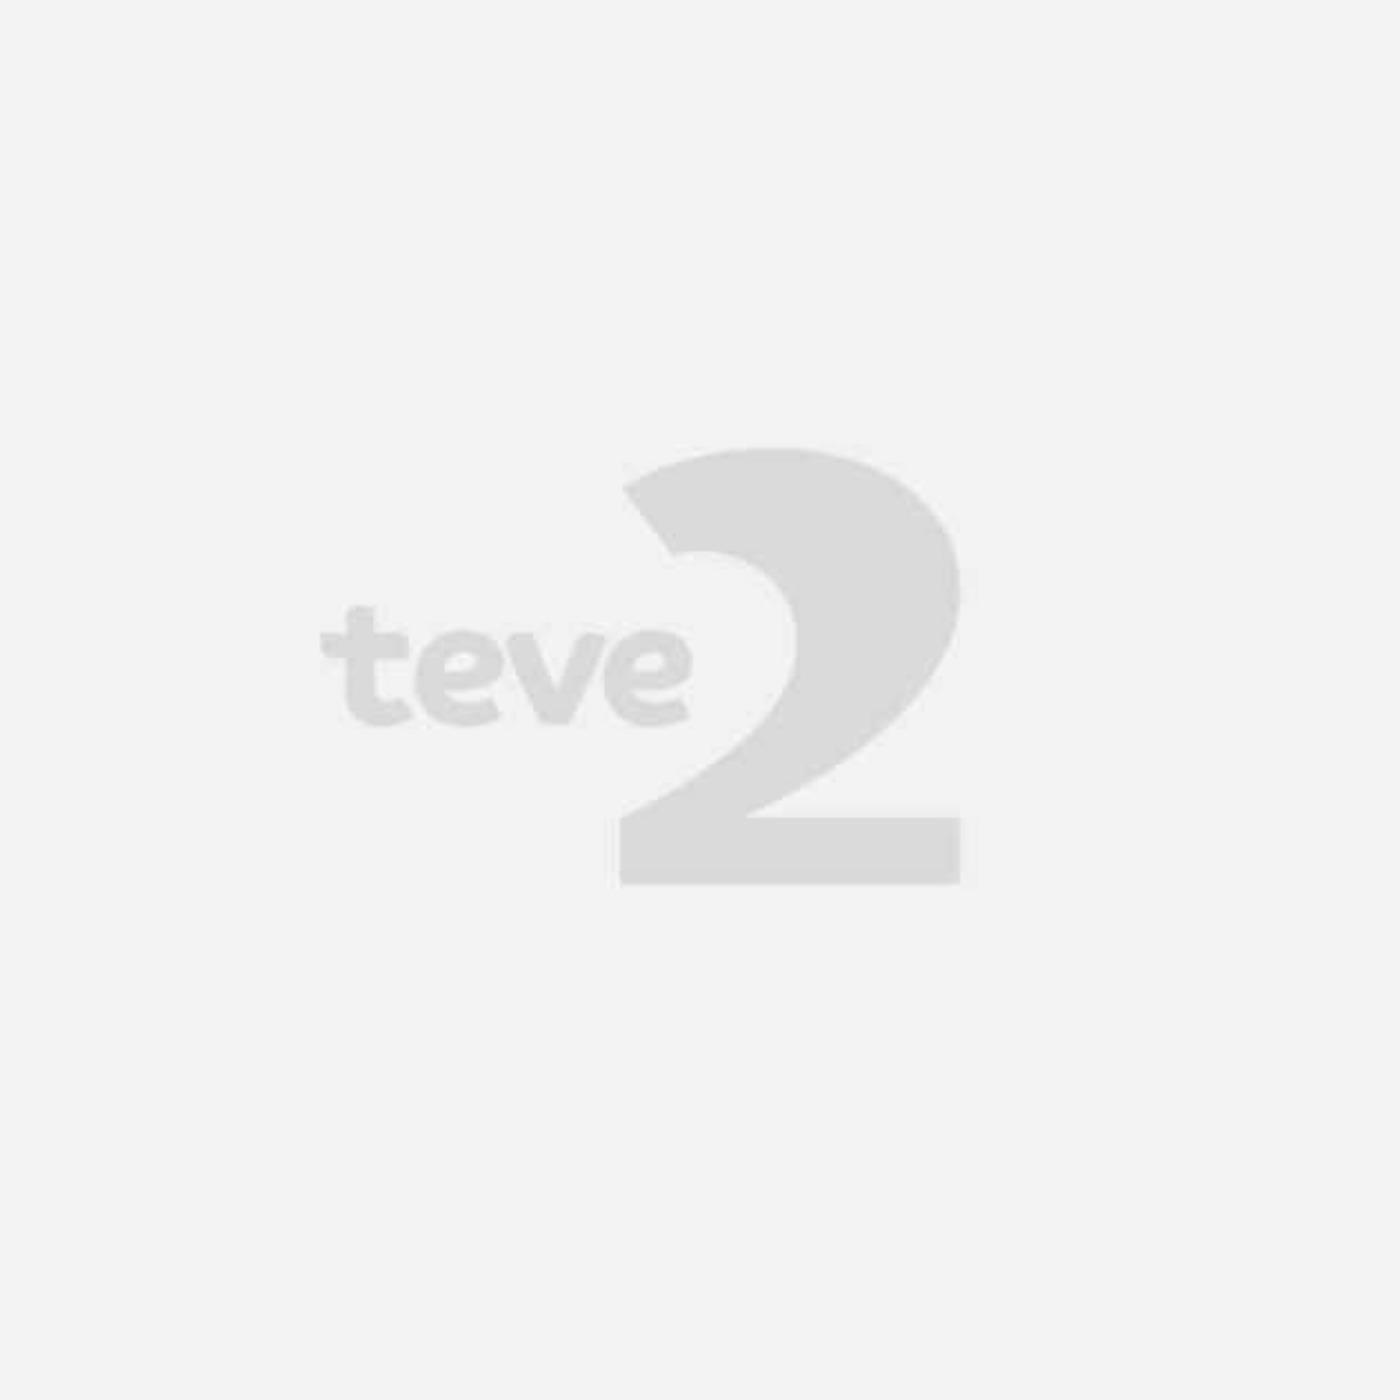 Teve2 Yayın Akışı - Teve2 'de Bugün Neler Var ?